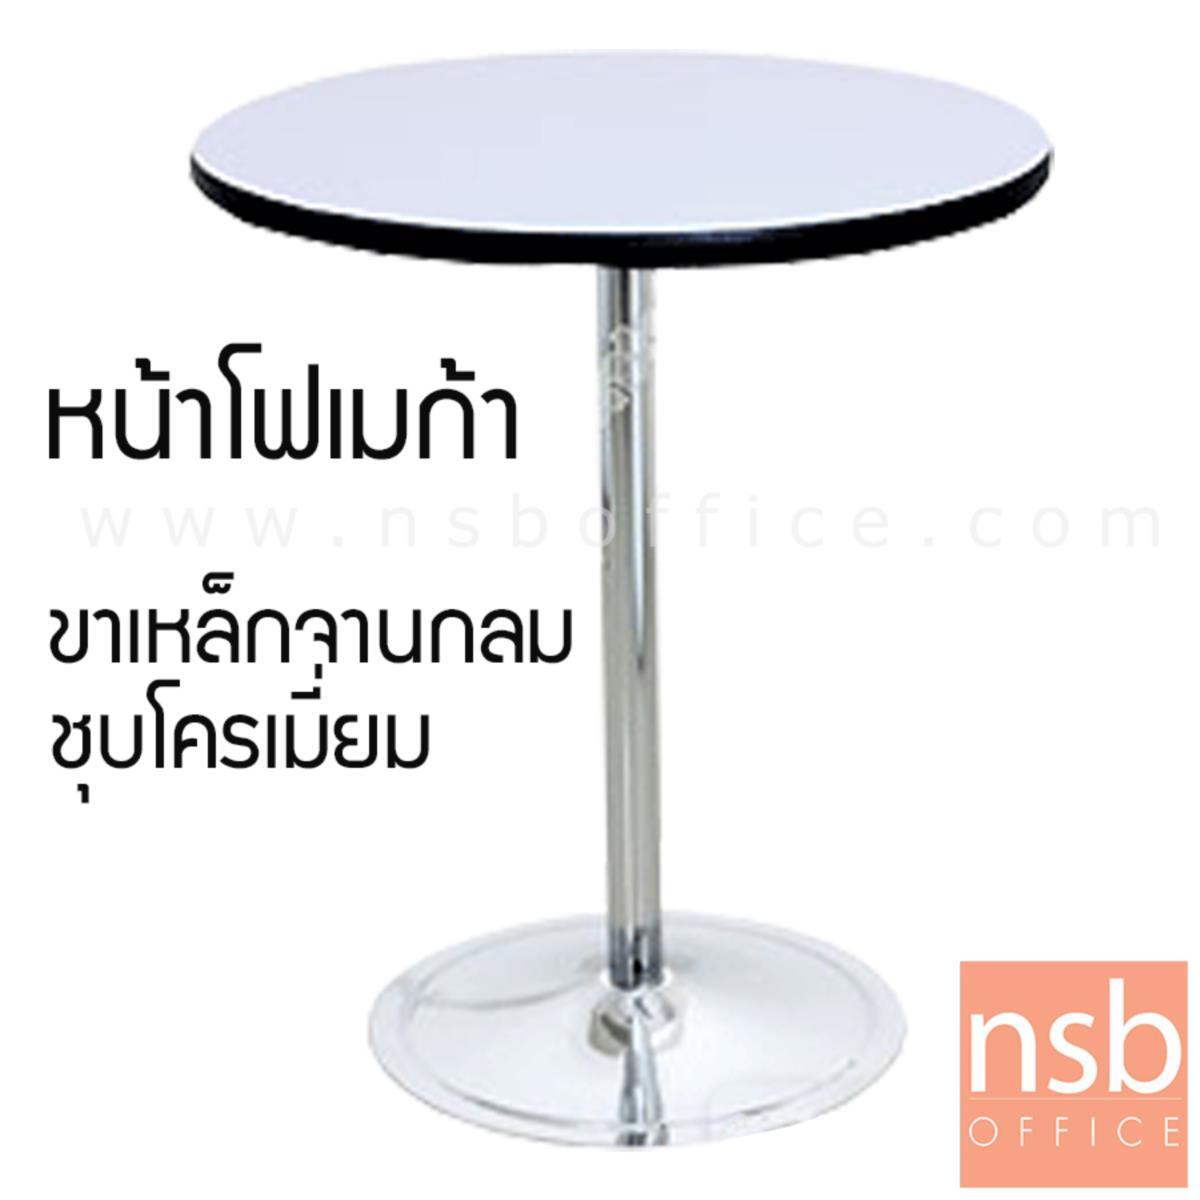 โต๊ะหน้าโฟเมก้าขาว  ขนาด 60W ,75W ,60Di ,75Di cm. ขาเหล็กโครเมี่ยมบฐานจาน ขาเหล็กจานกลมชุบโครเมี่ยม